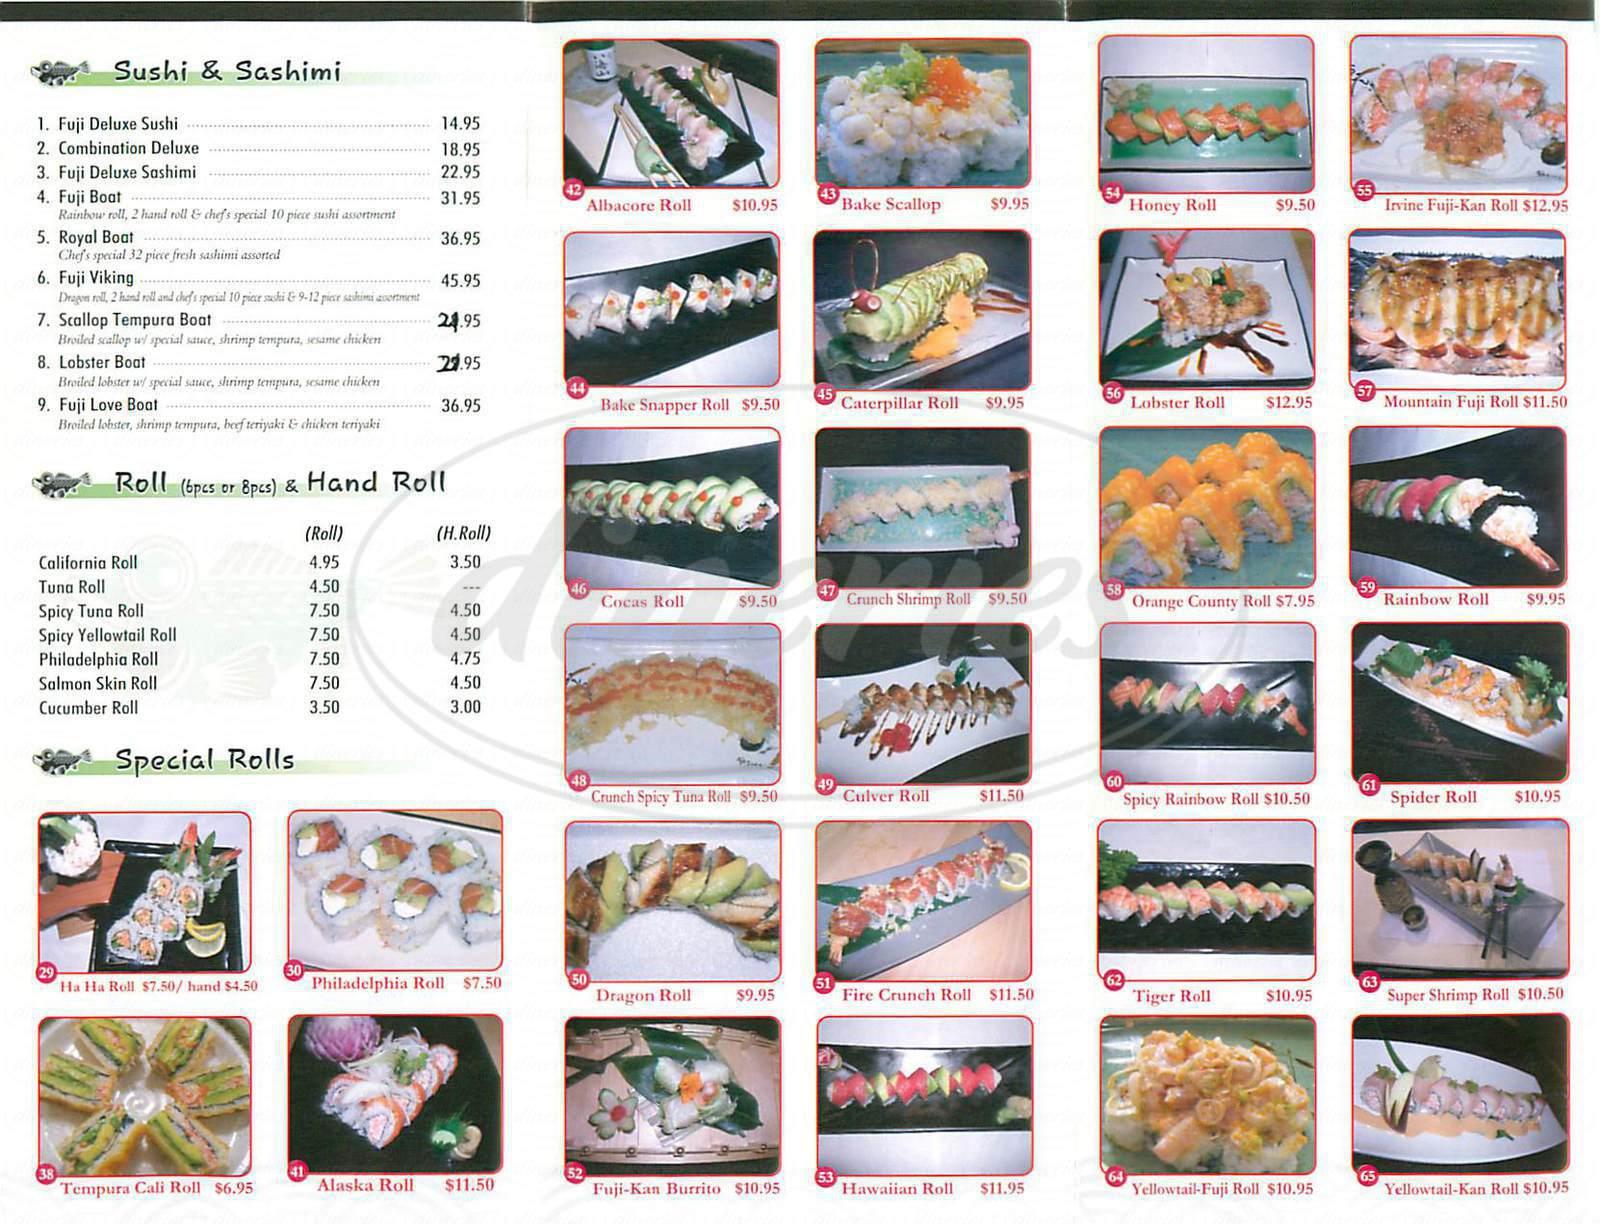 menu for Fuji Kan